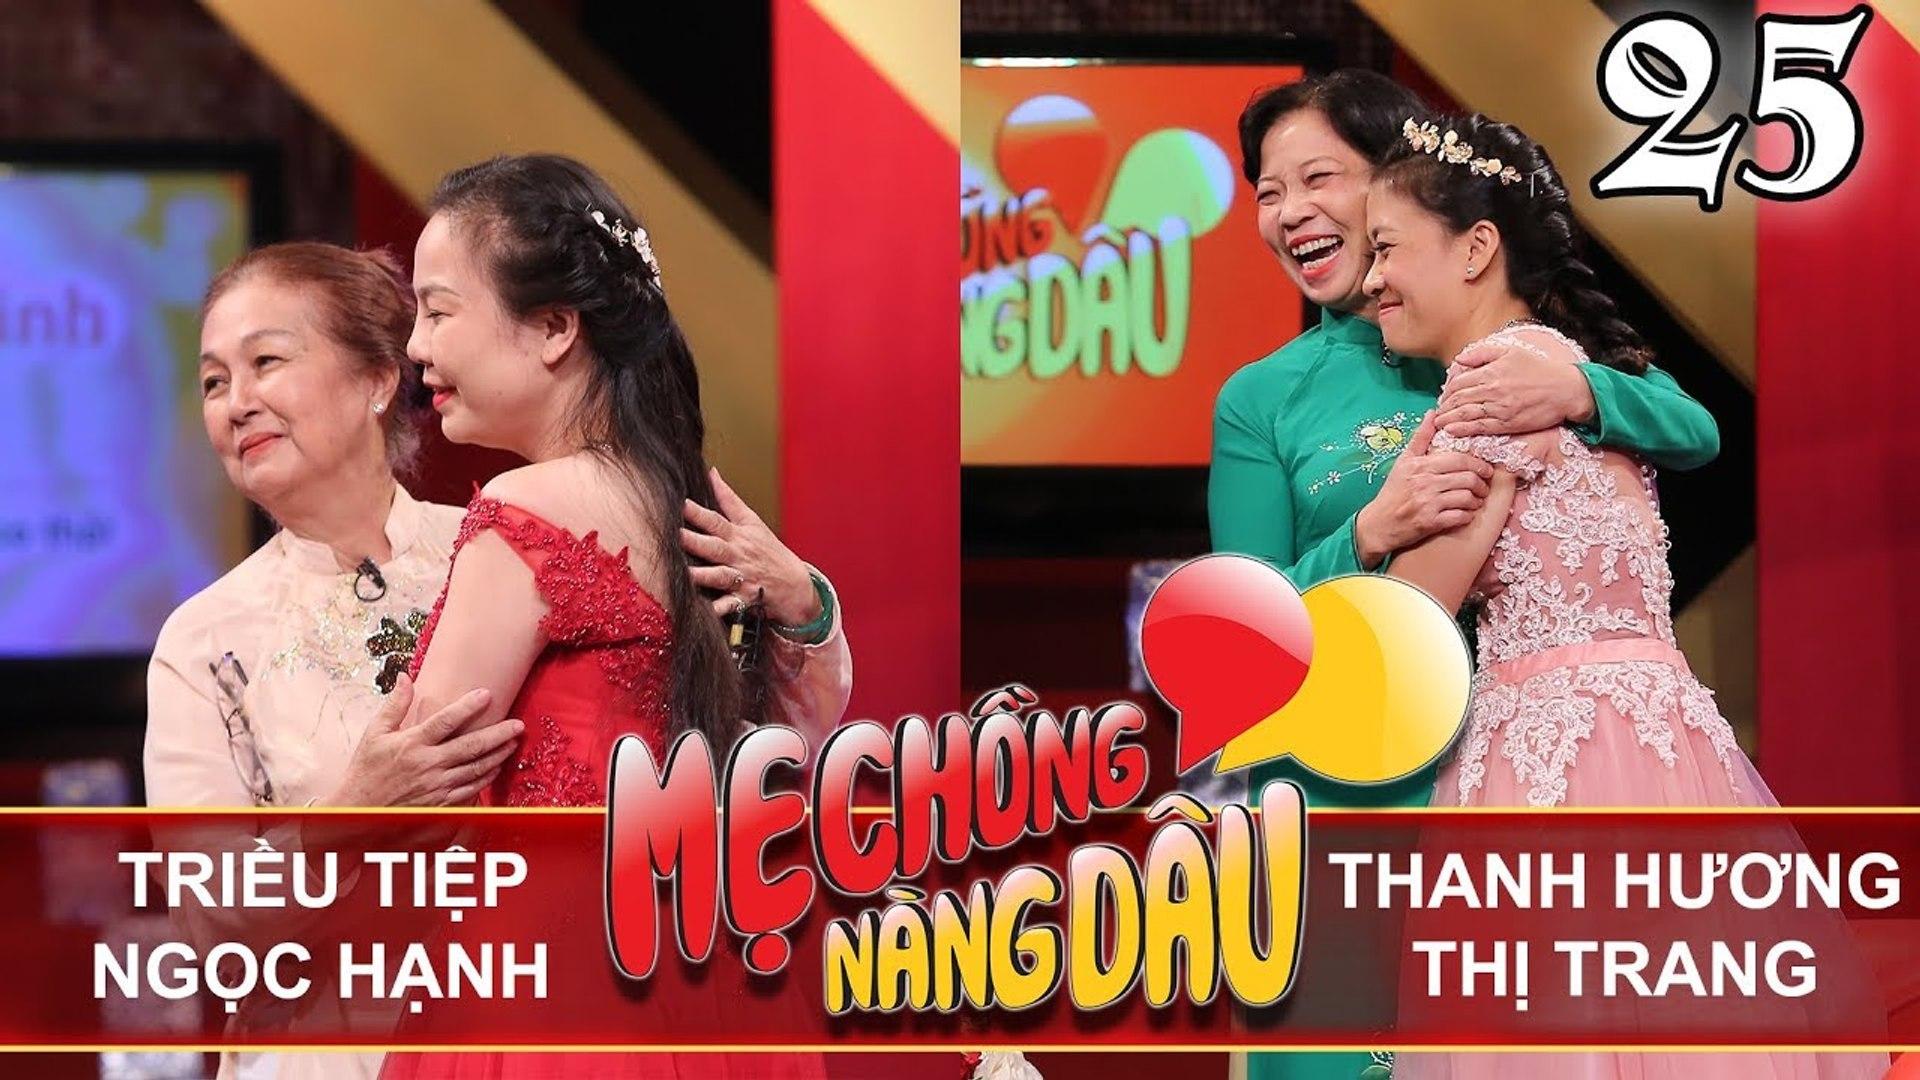 MẸ CHỒNG - NÀNG DÂU _ Tập 25 FULL _ Triều Tiệp - Ngọc Hạnh _ Thanh Hương - Thị Trang